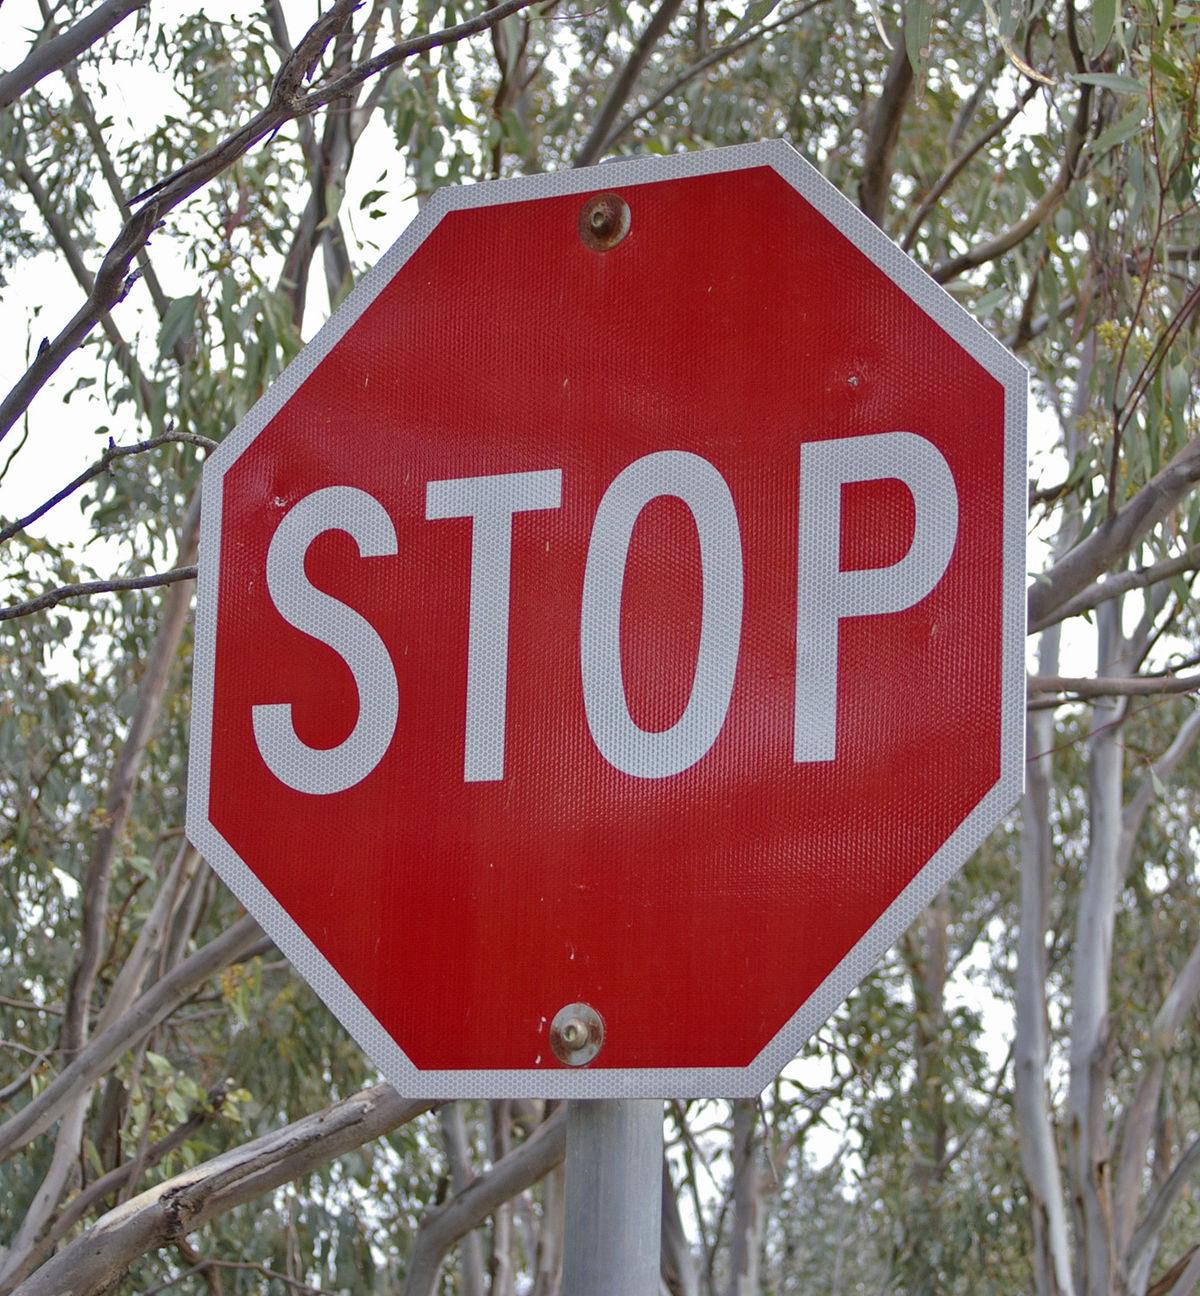 Stoppschild – Wikipedia in Welches Verhalten Ist Richtig Stoppschild